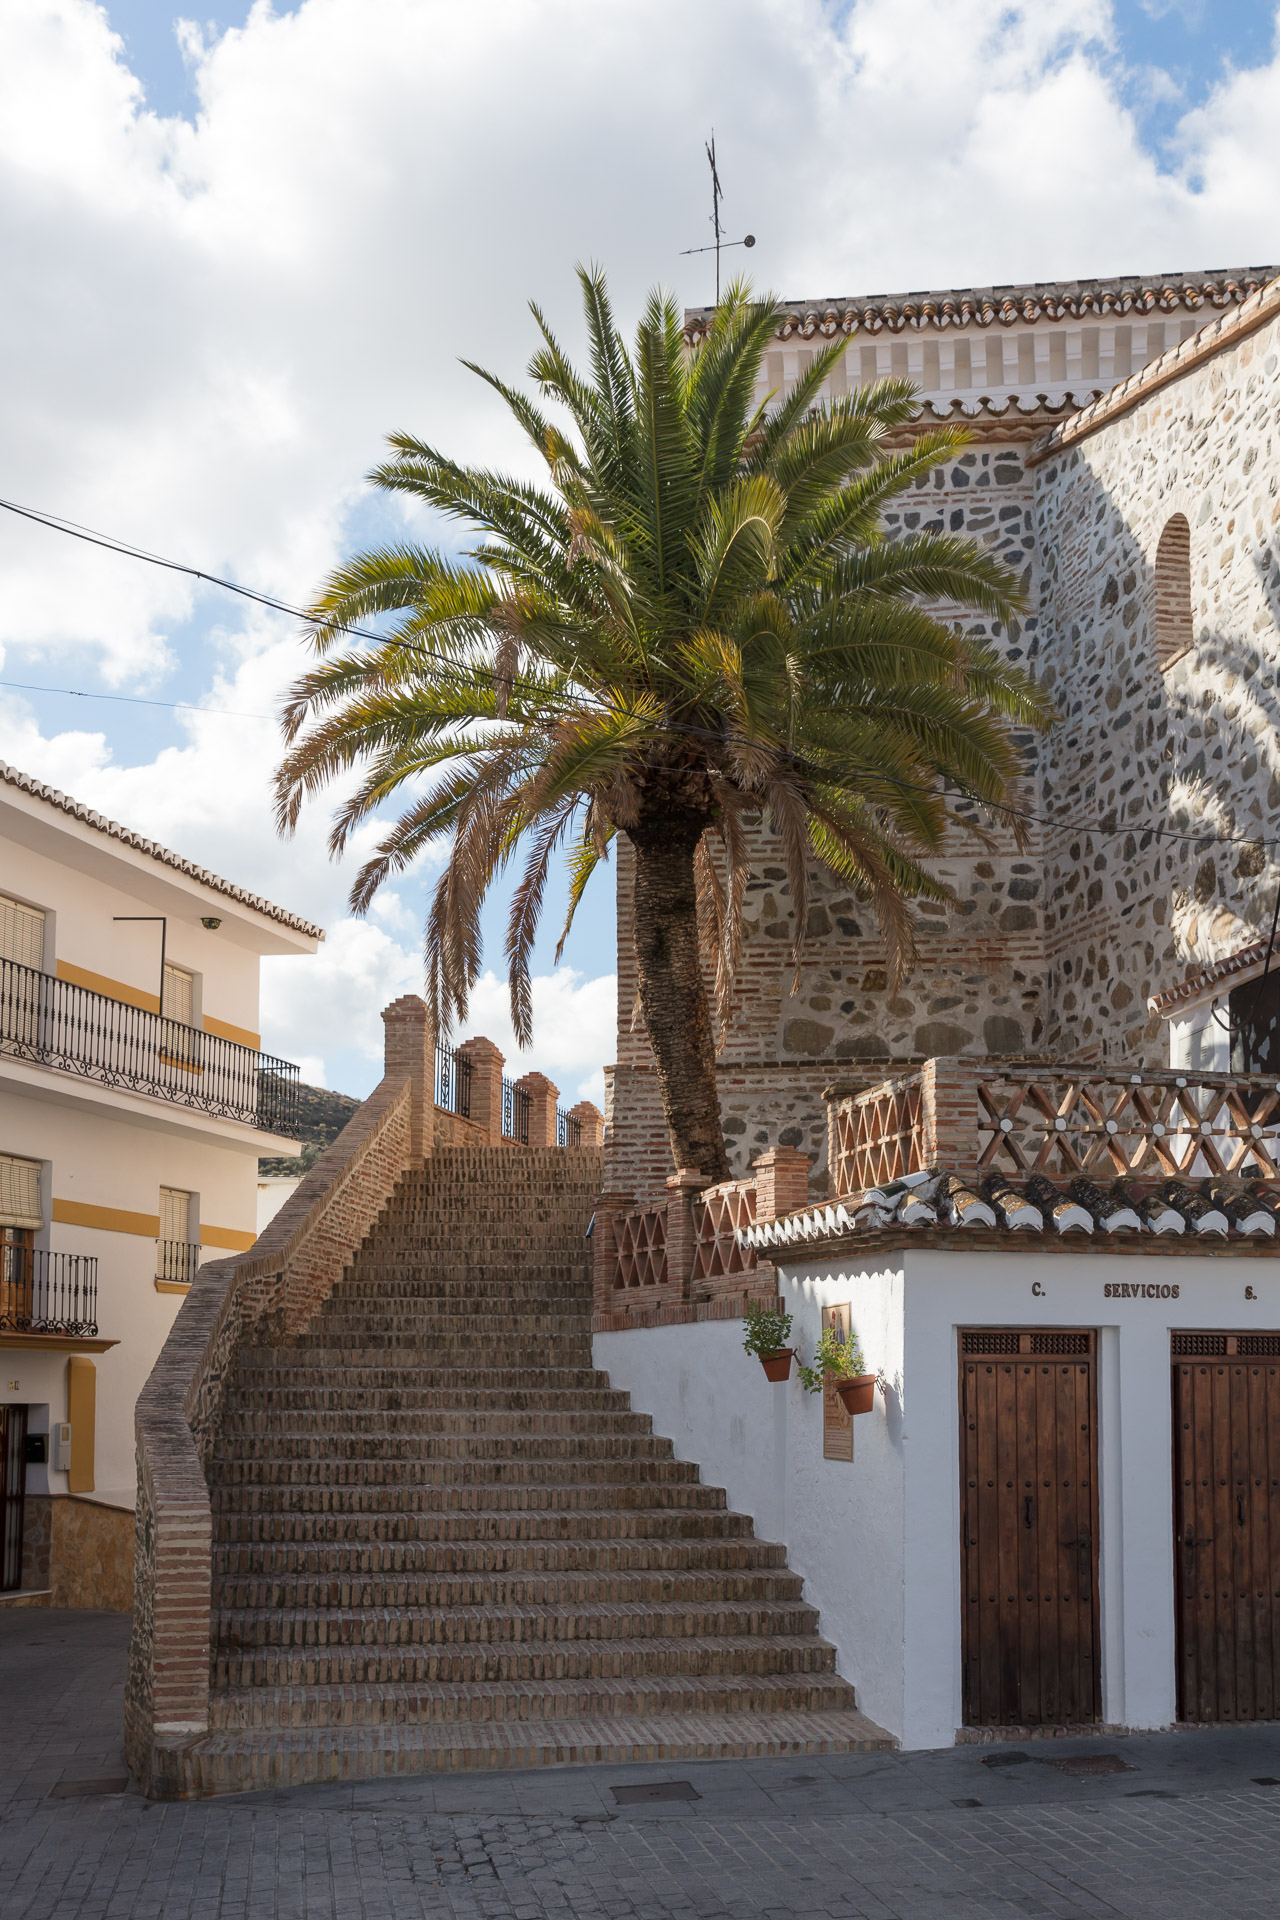 Palmboom aan de kerk van El Borge